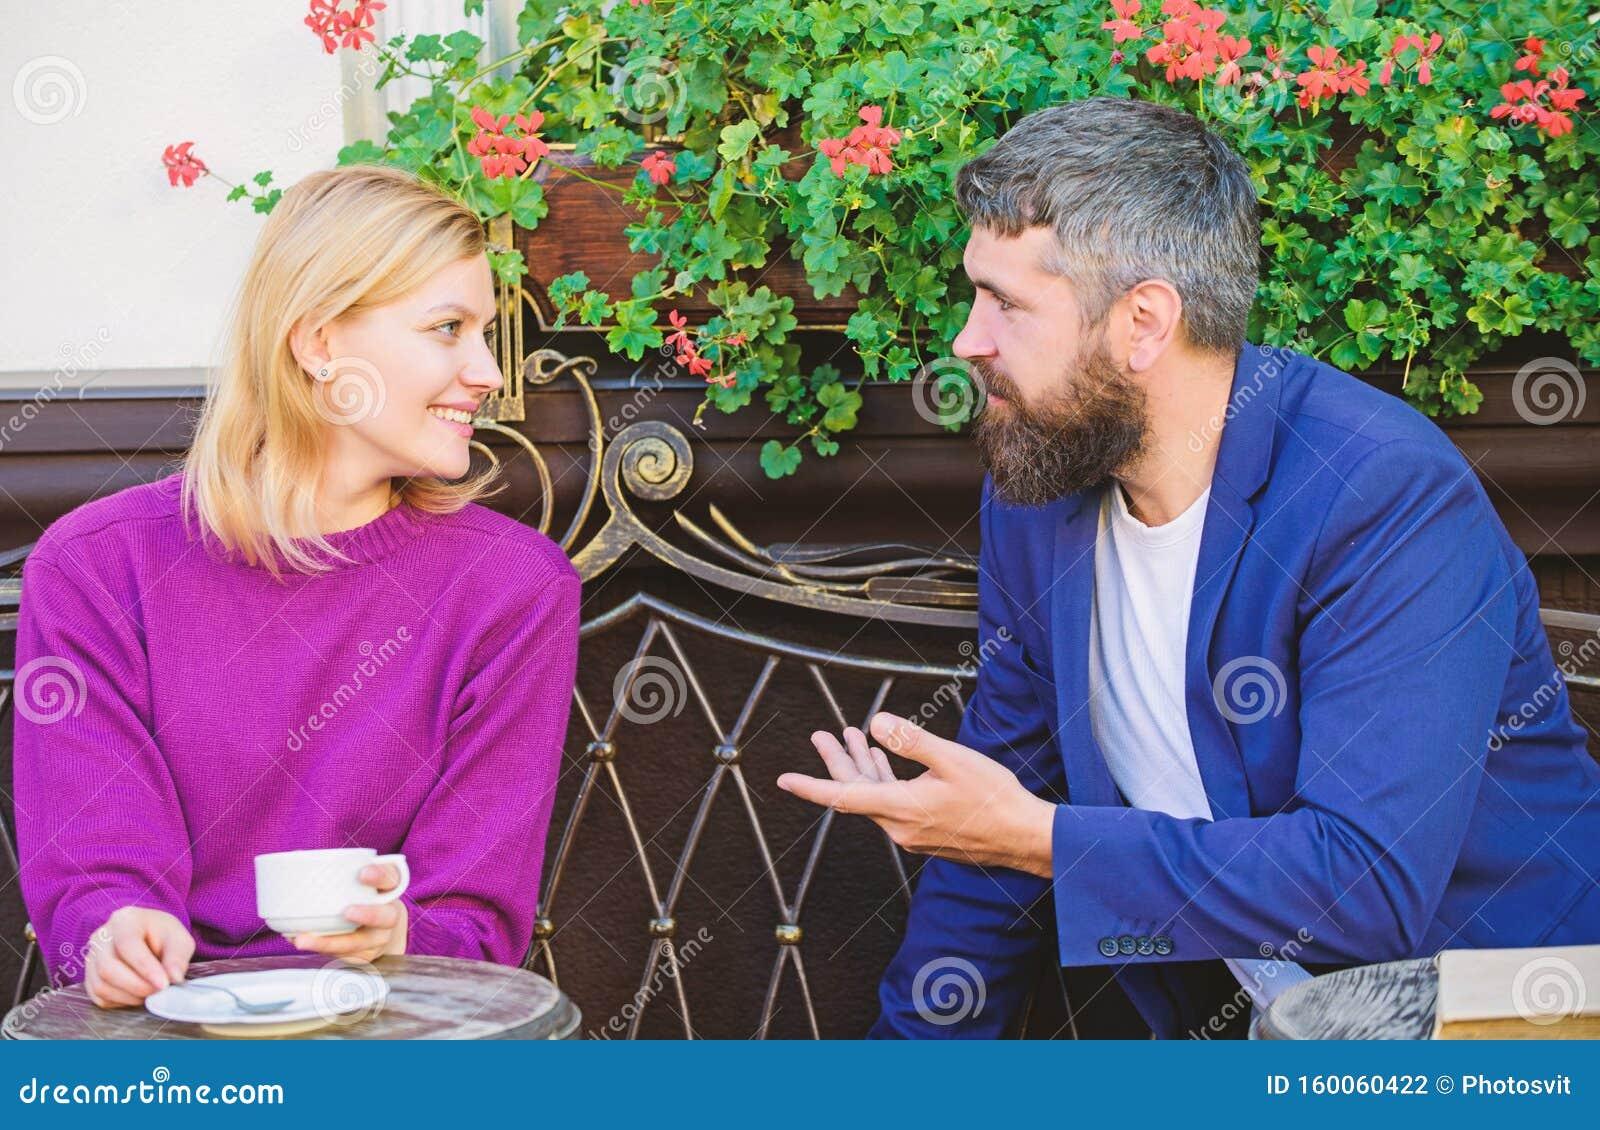 Treffen Mit Menschen Zum Ersten Mal Couchterrasse Mit Kaffee Gelegentlich Treffen Bekanntschaft